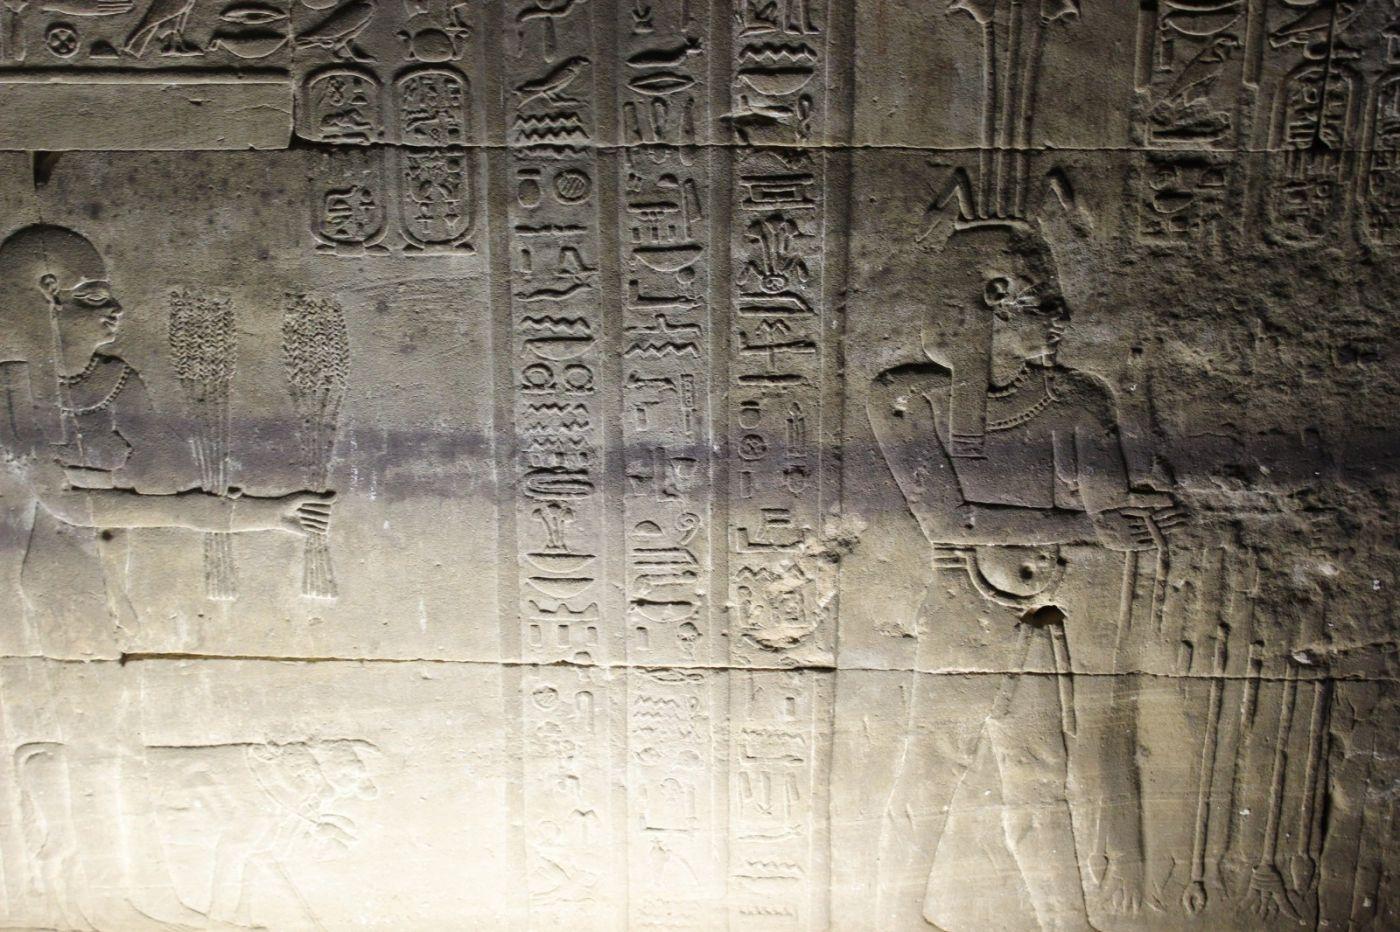 埃德富神庙和卢克索神庙_图1-10